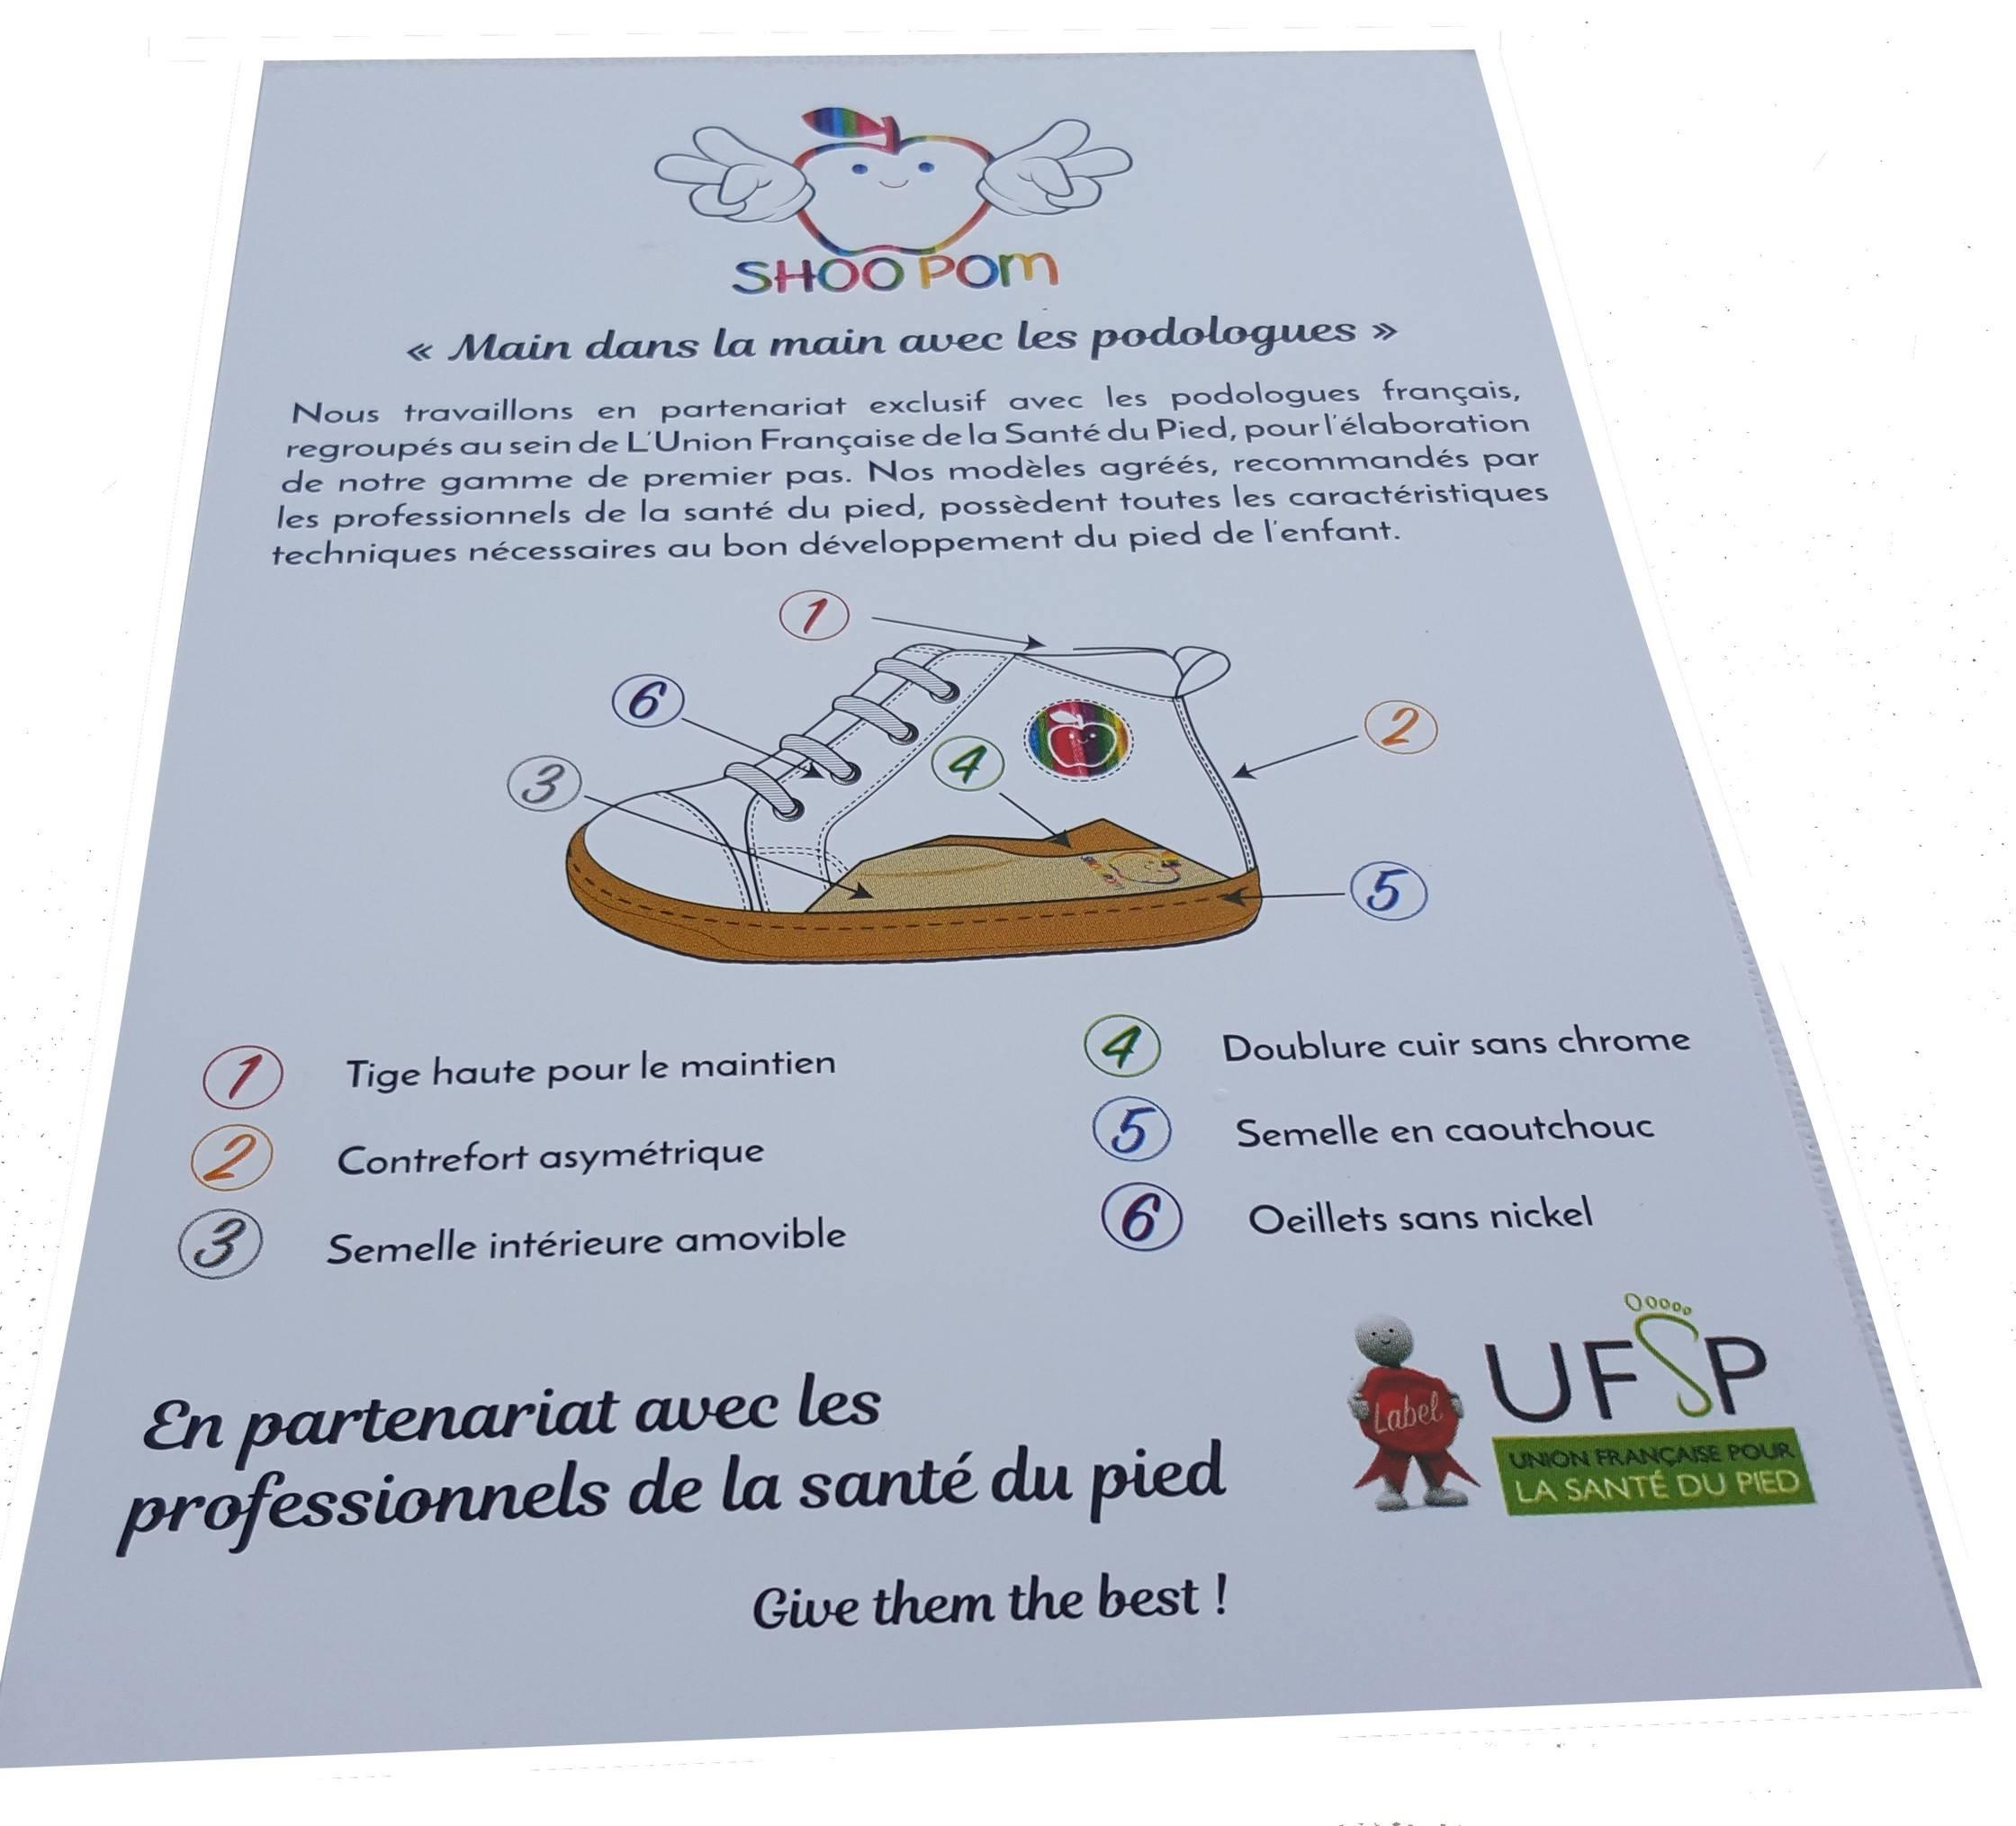 Shoo pom partenaire de l'UFSP [l'Union Française de la Santé du Pied]